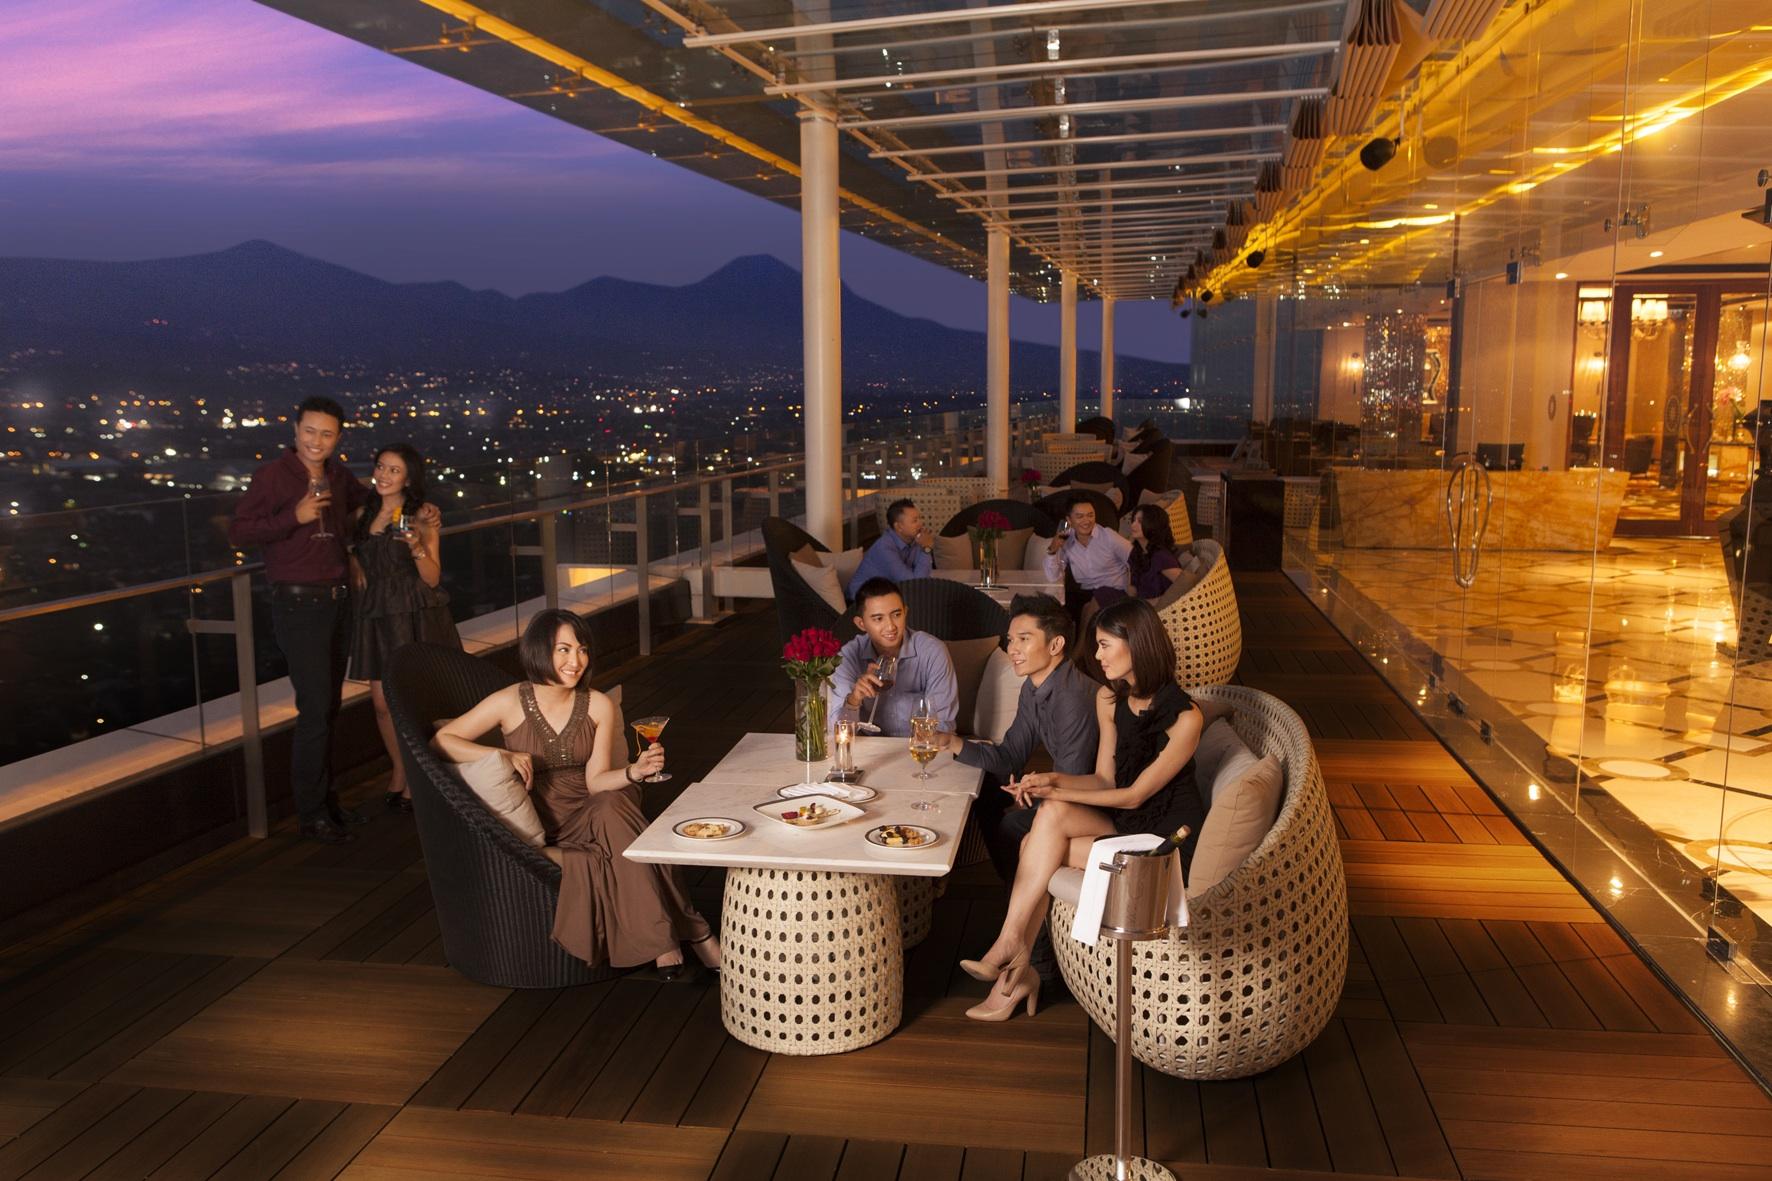 Indonesia di hotel - 1 9